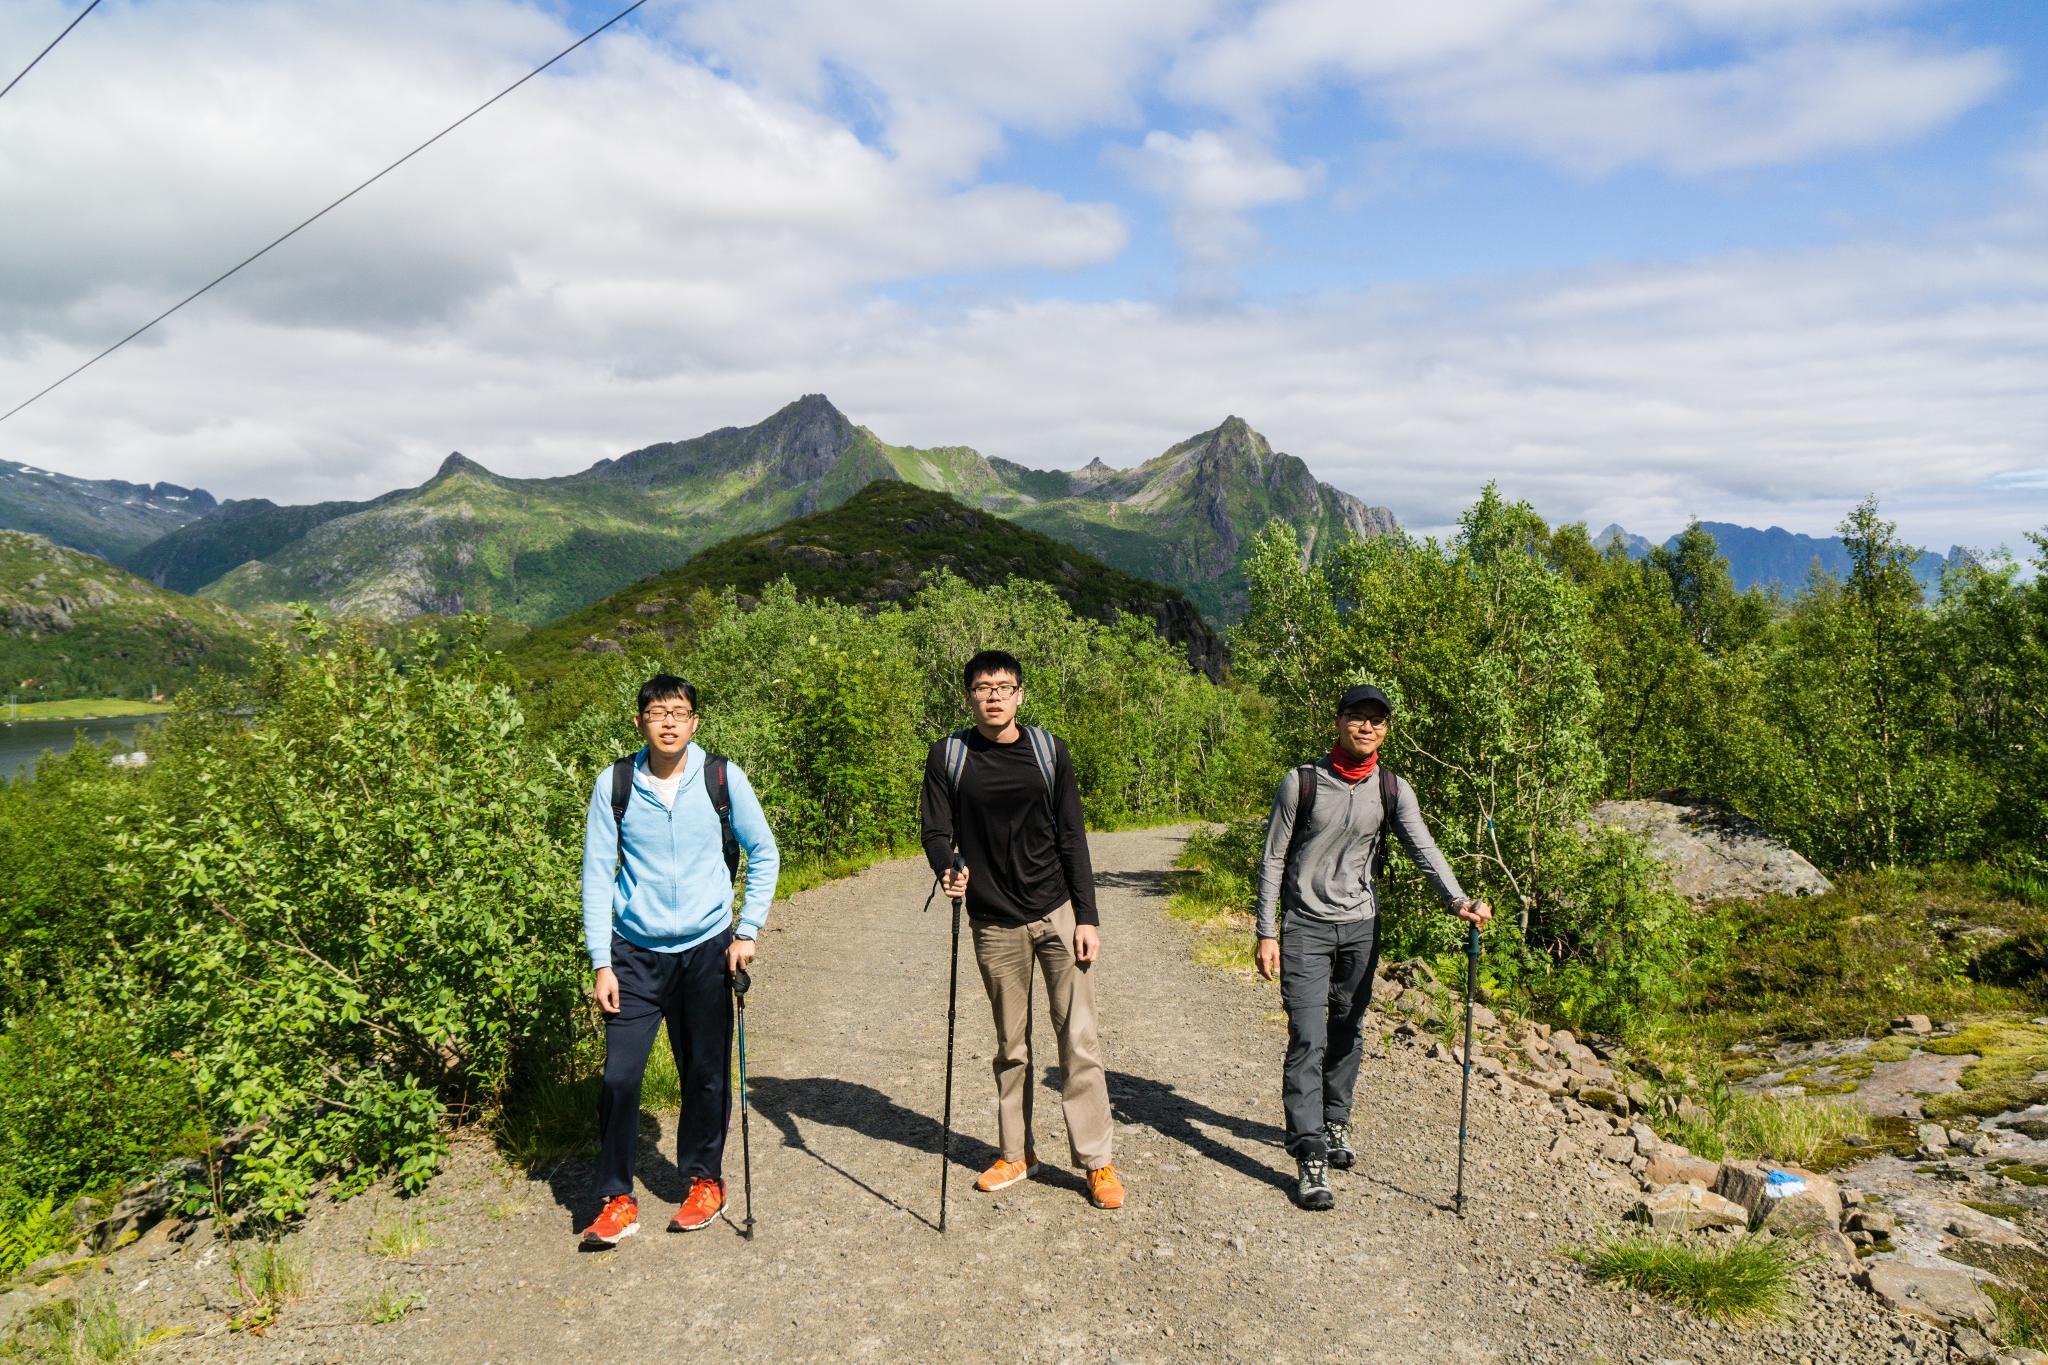 【羅弗敦群島】一次眺望兩個小鎮的人氣健行路線 - Tjeldbergtind Trail 4